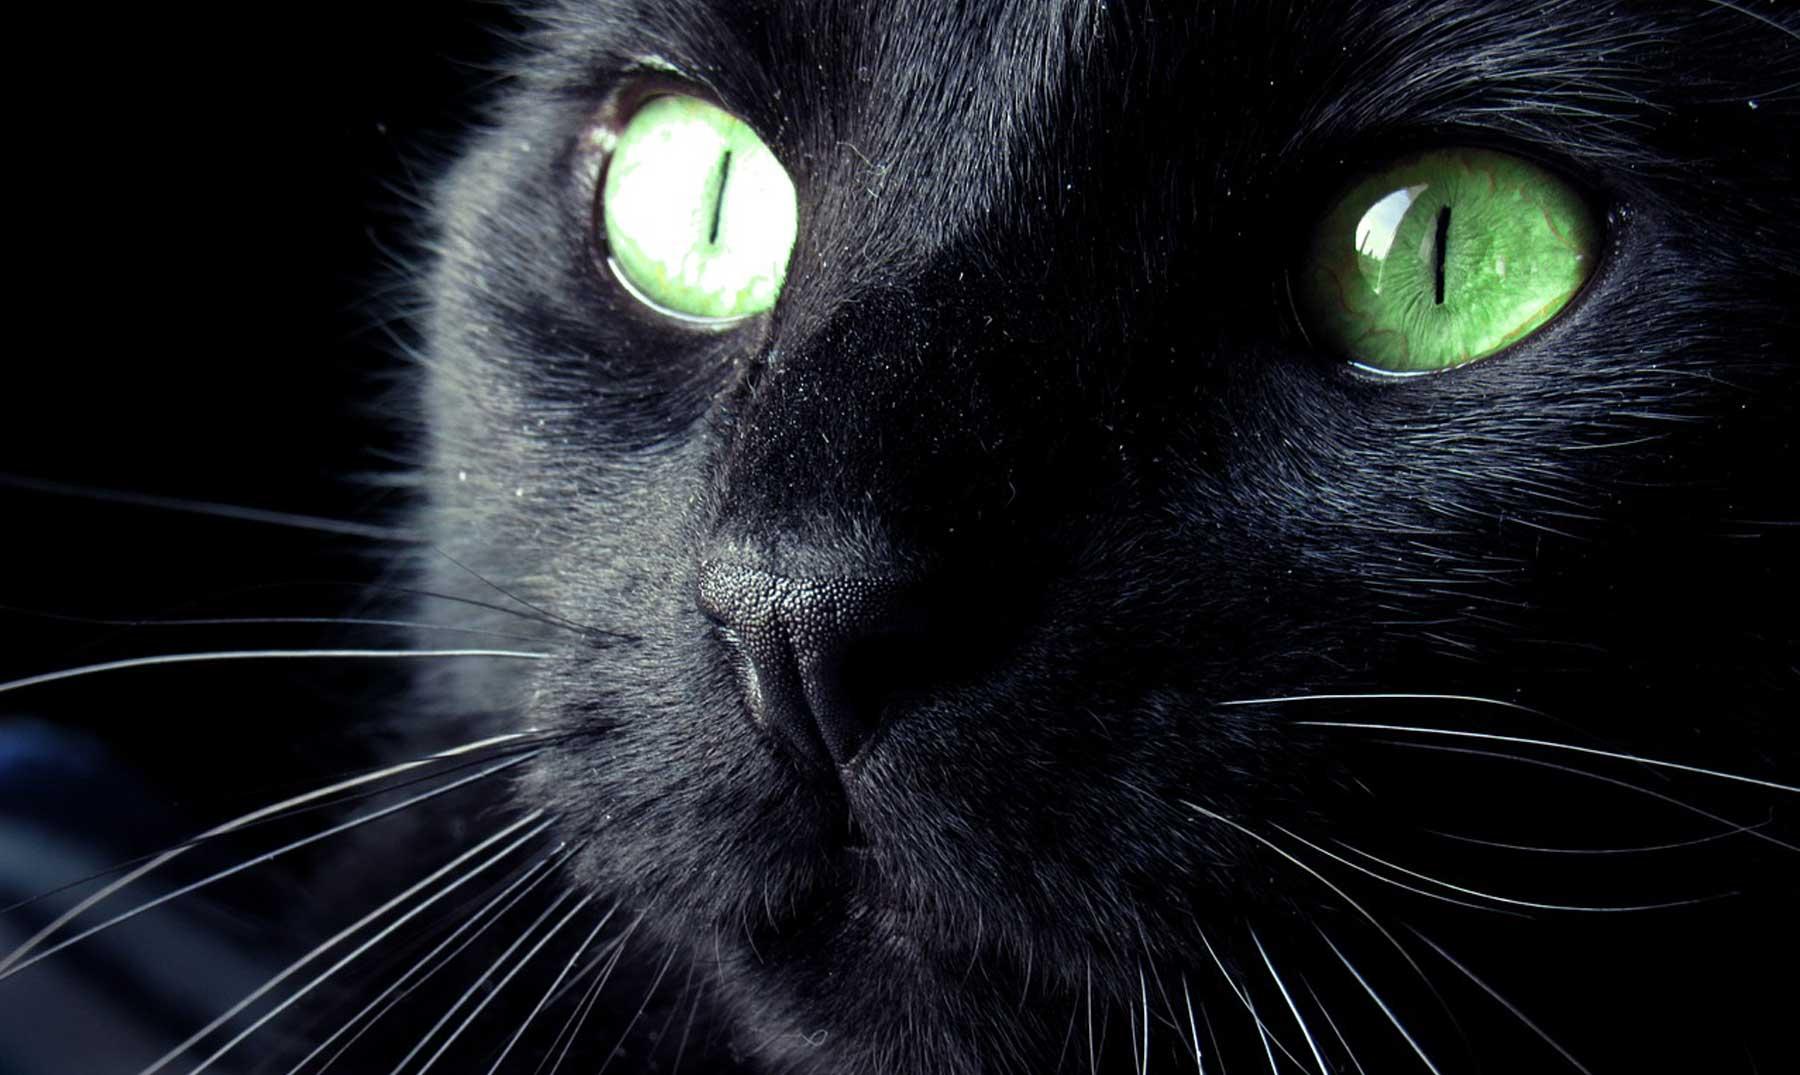 Historia de la superstición de los gatos negros